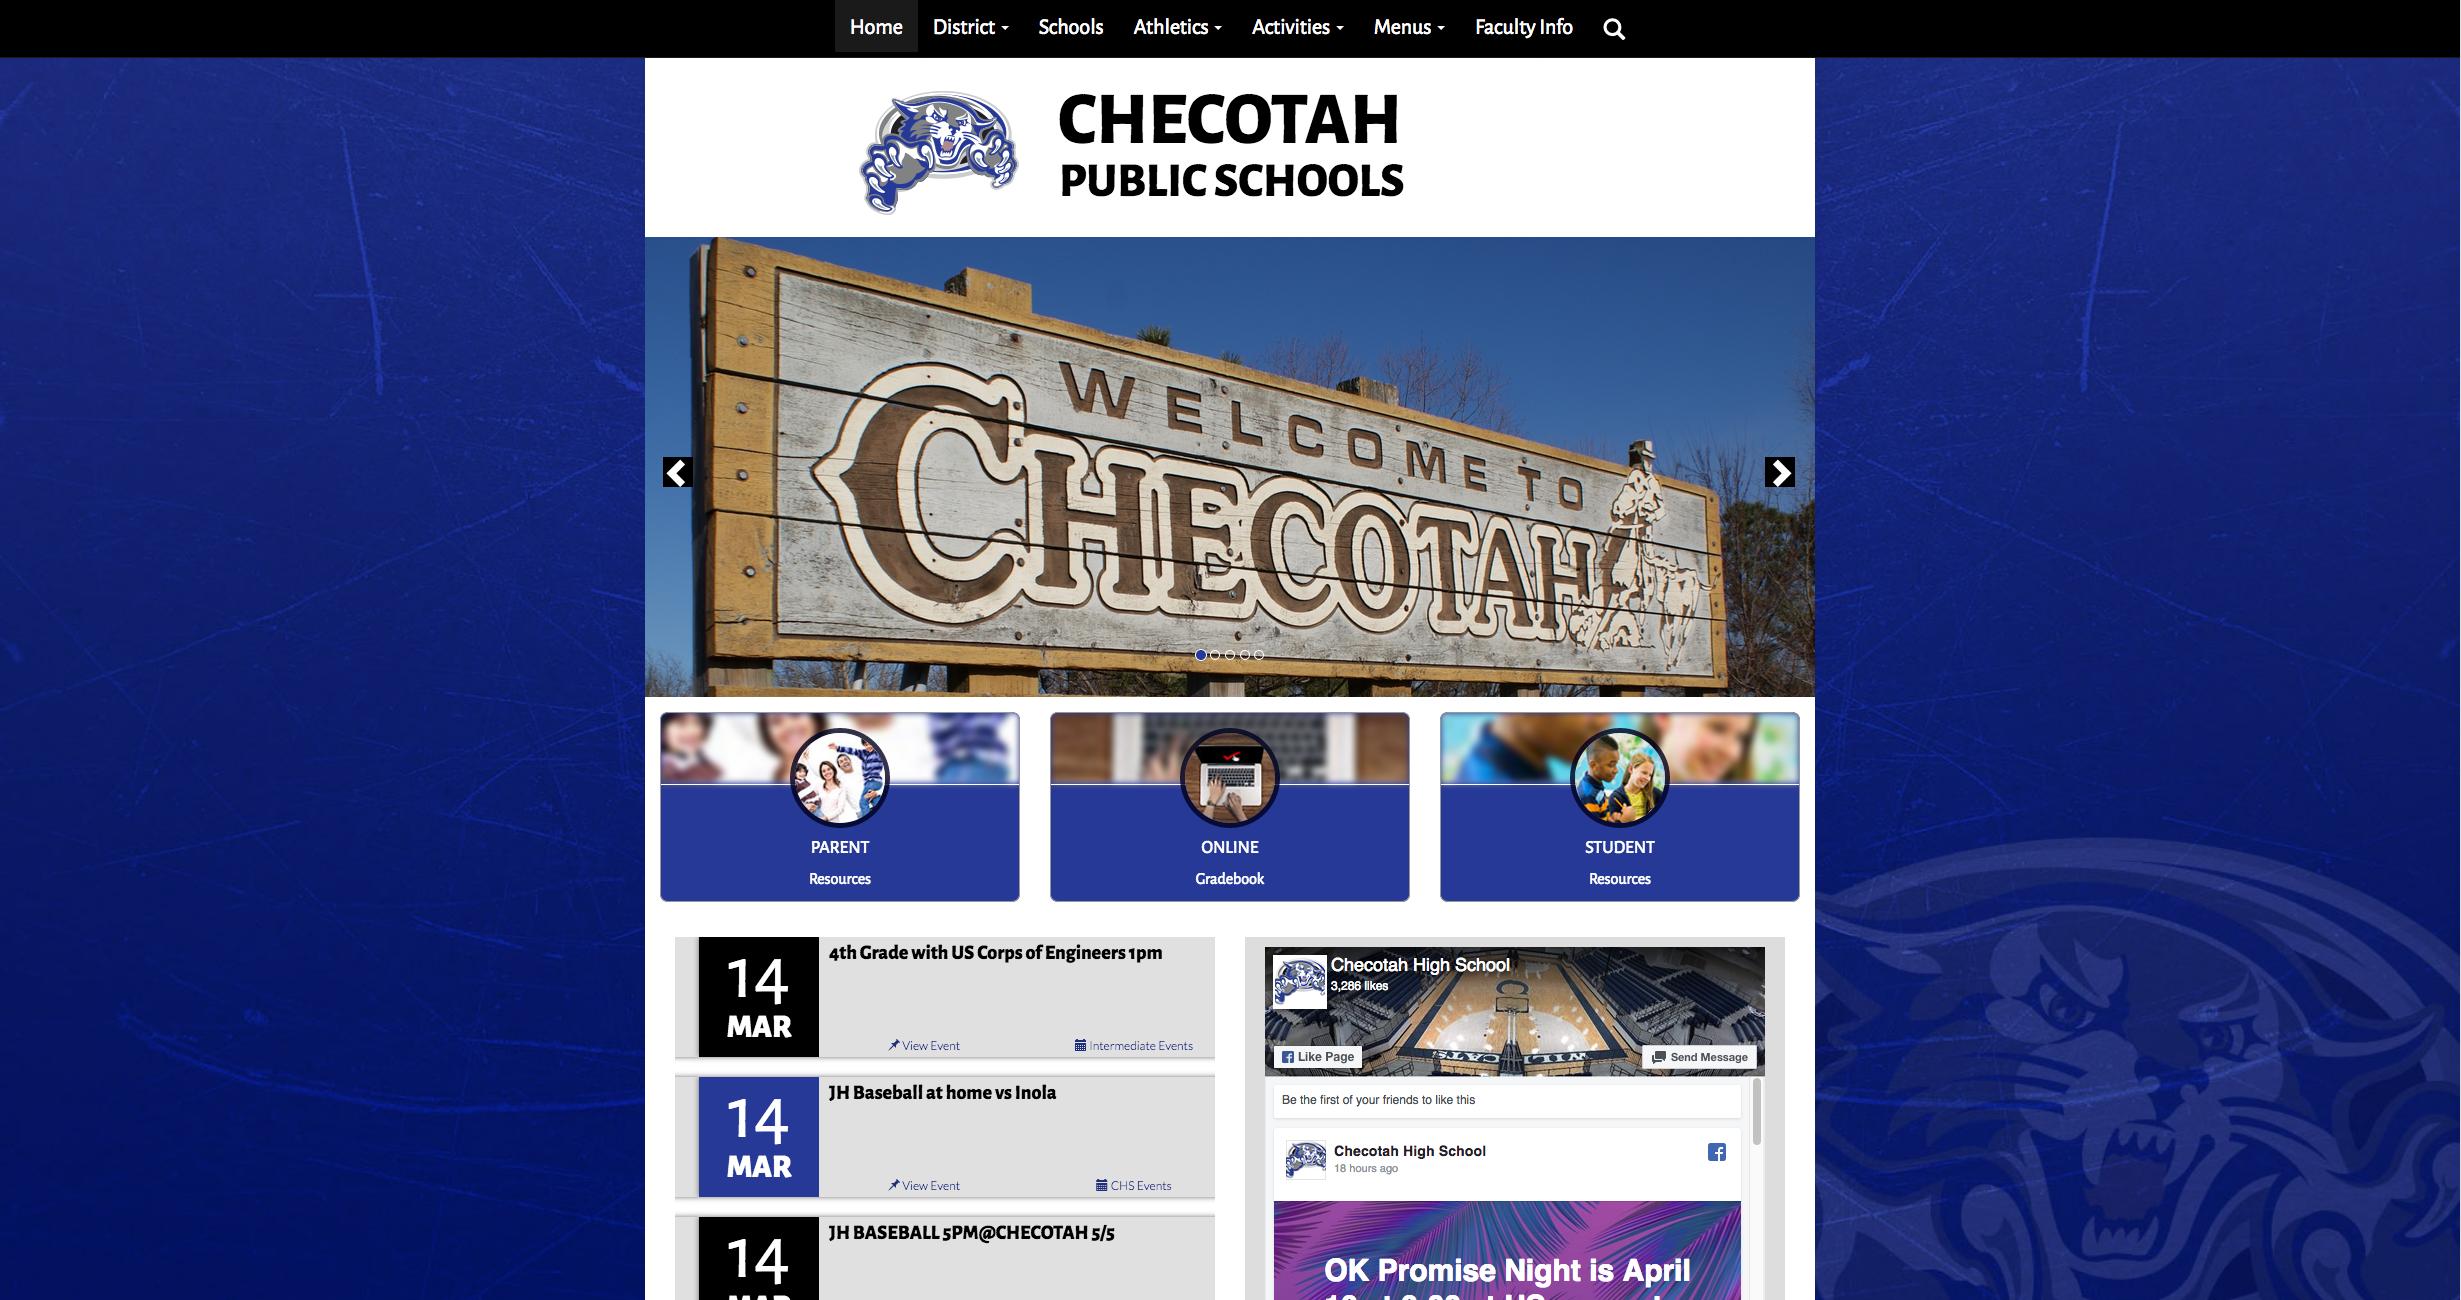 Checotah Public Schools